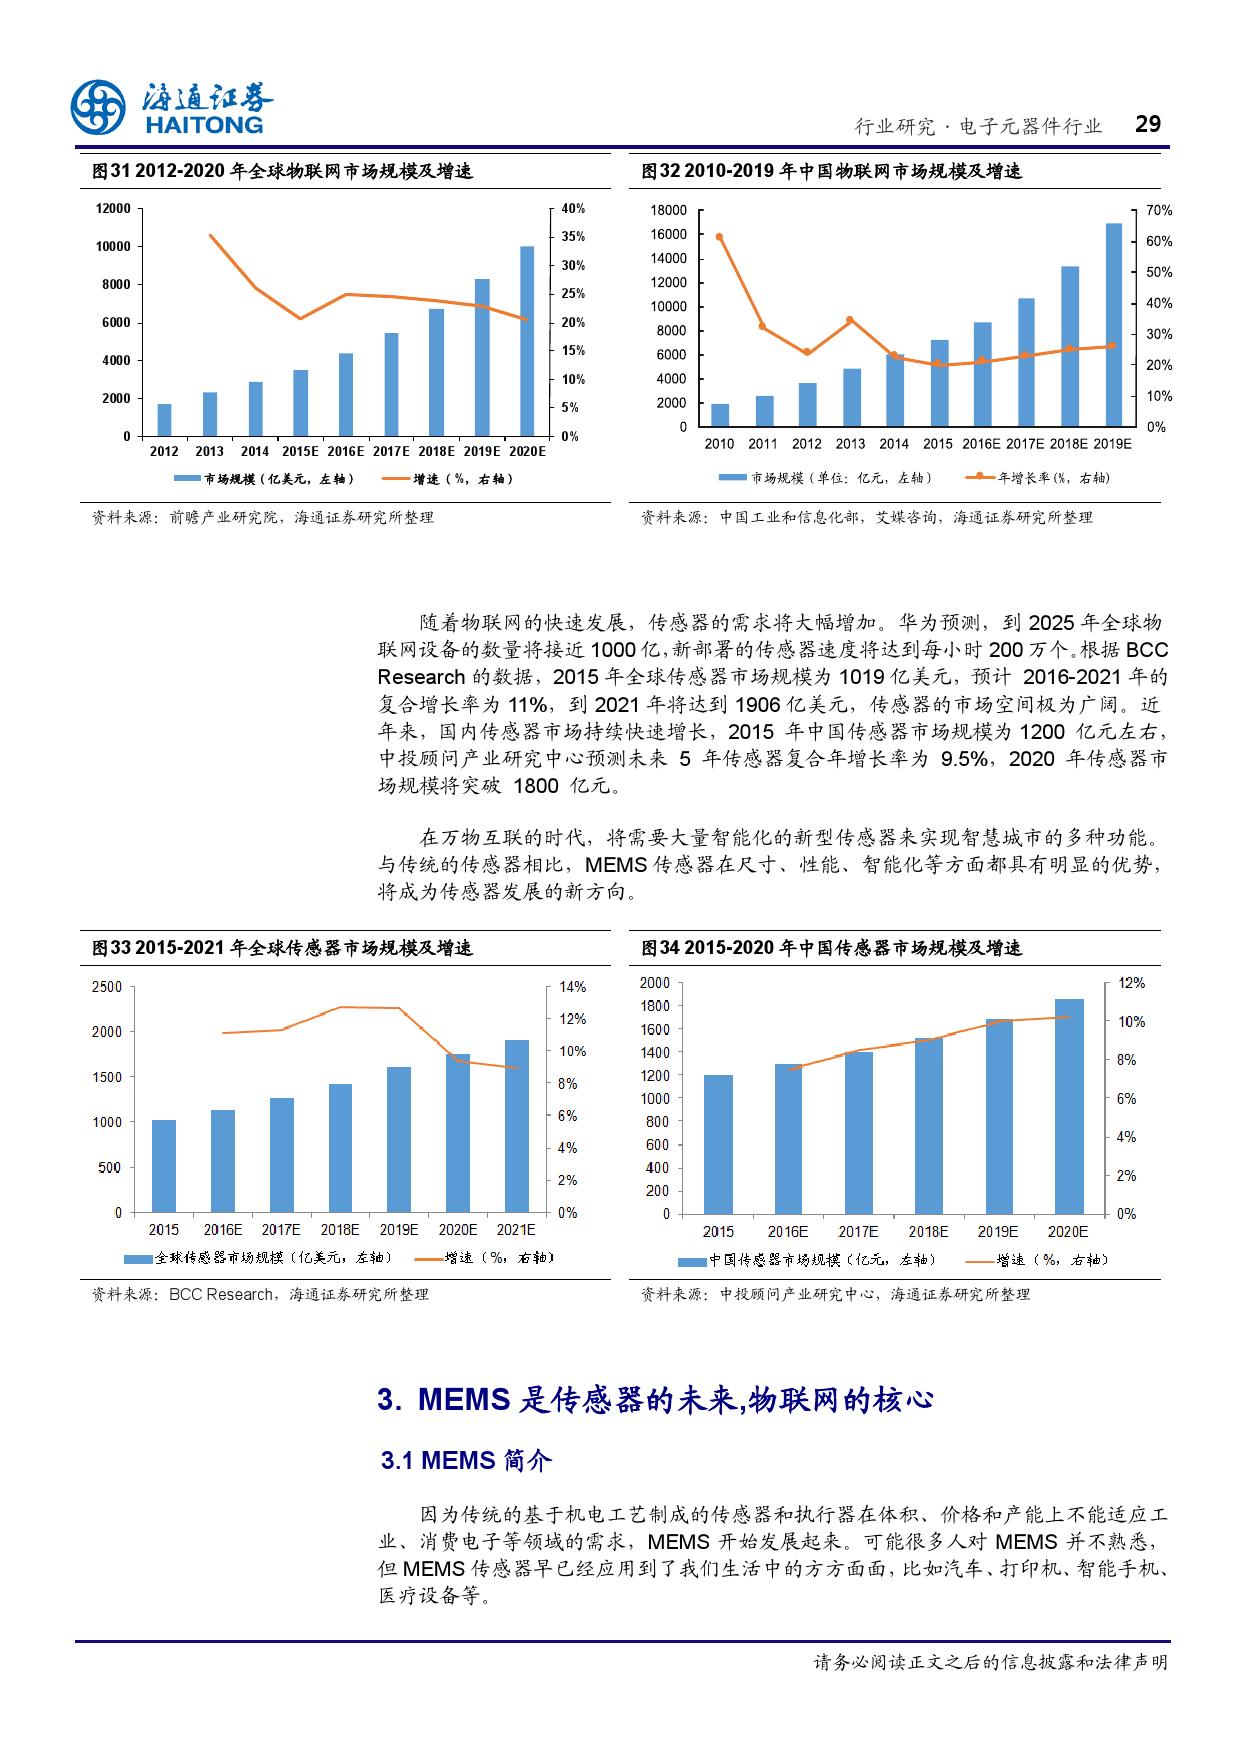 报告全解传感器全球产业链_000029